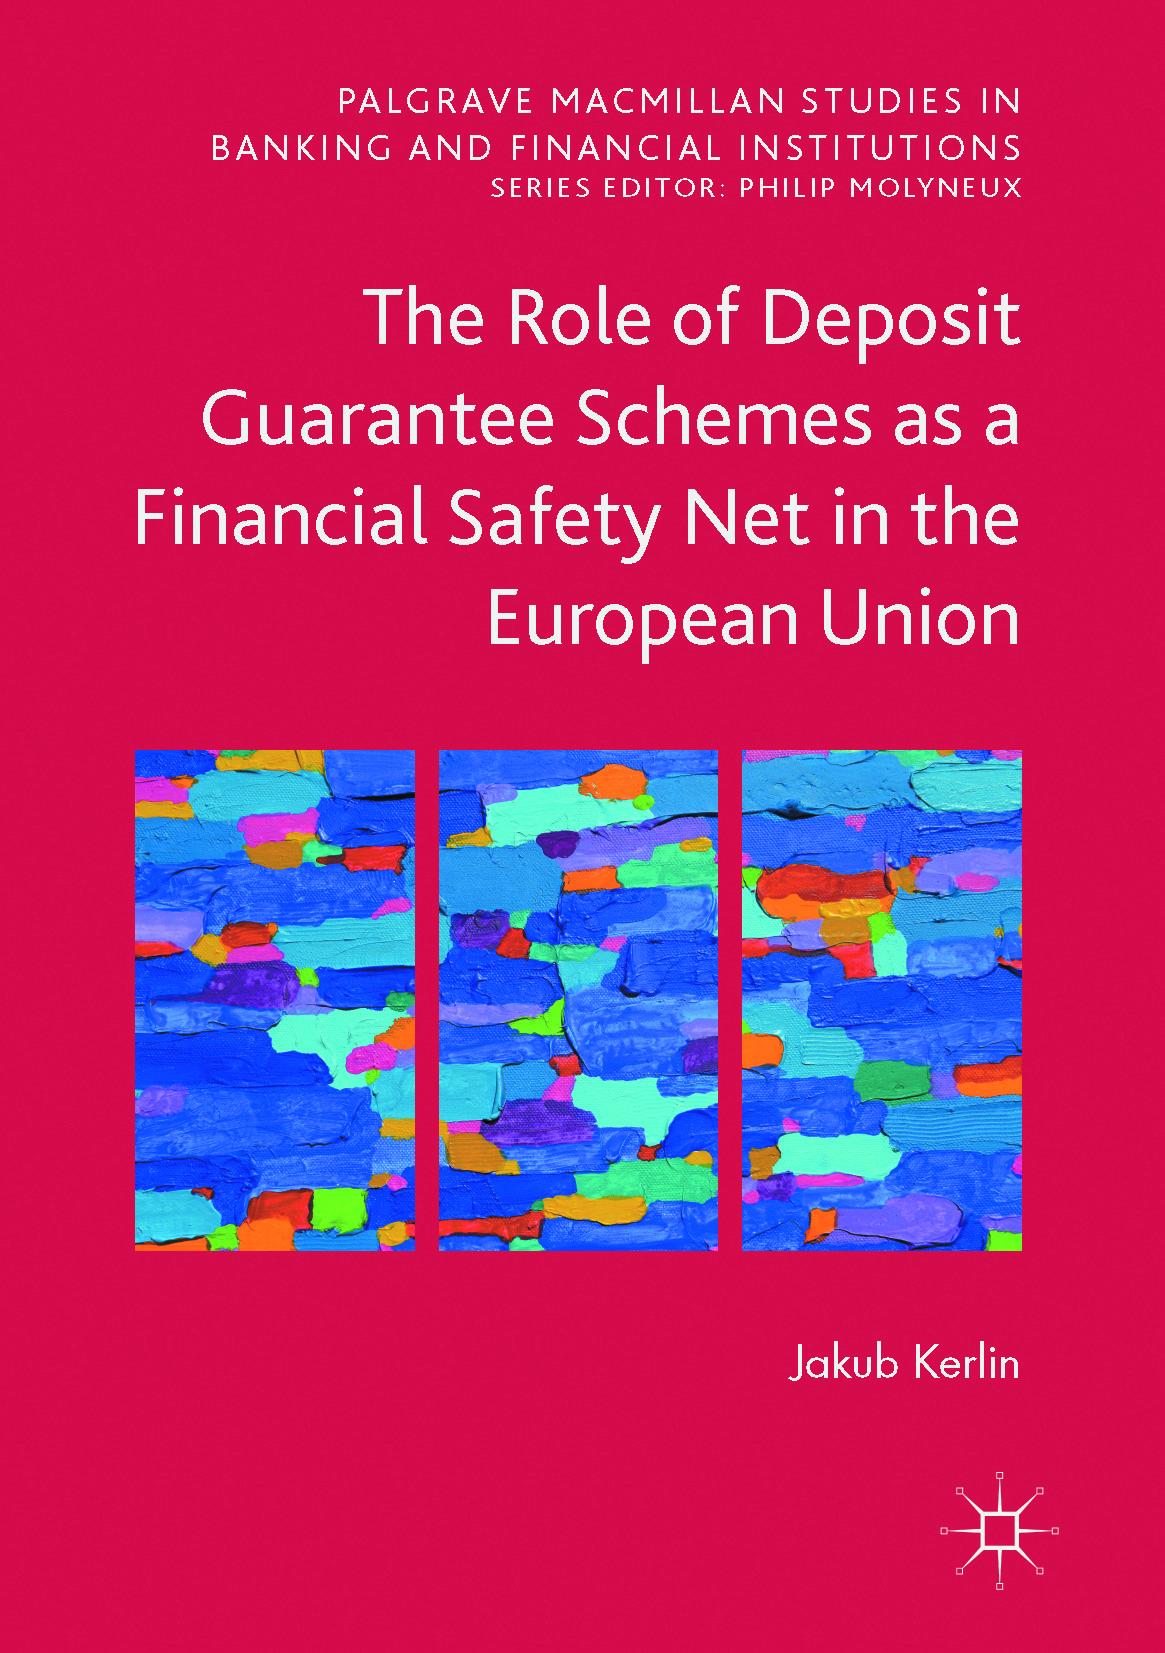 Kerlin, Jakub - The Role of Deposit Guarantee Schemes as a Financial Safety Net in the European Union, ebook